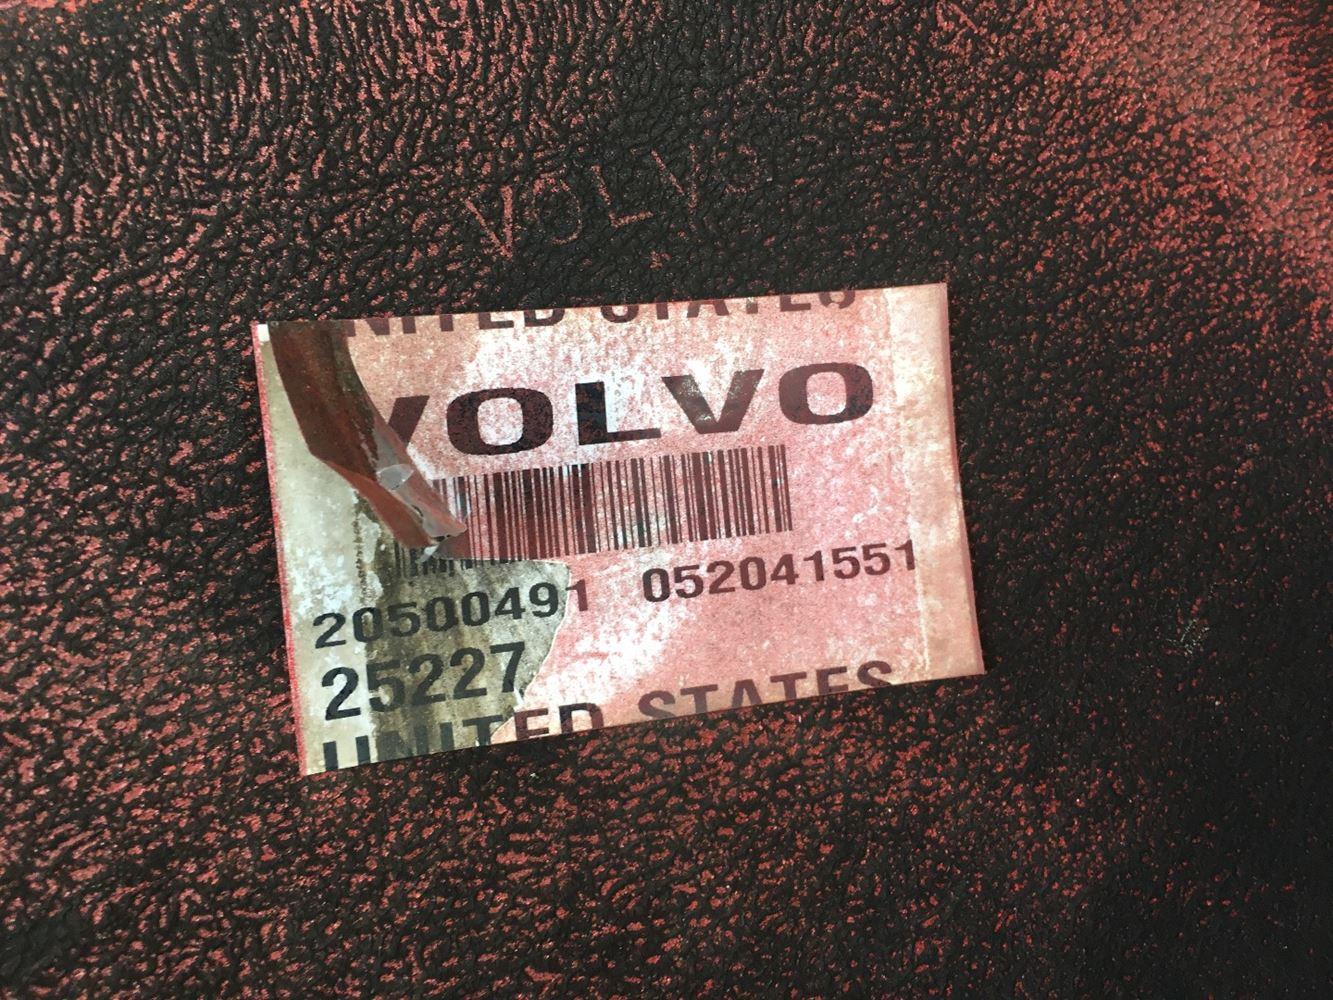 Used Fairings - Tank Fairings for 2006 VOLVO VN610 for sale-59049655